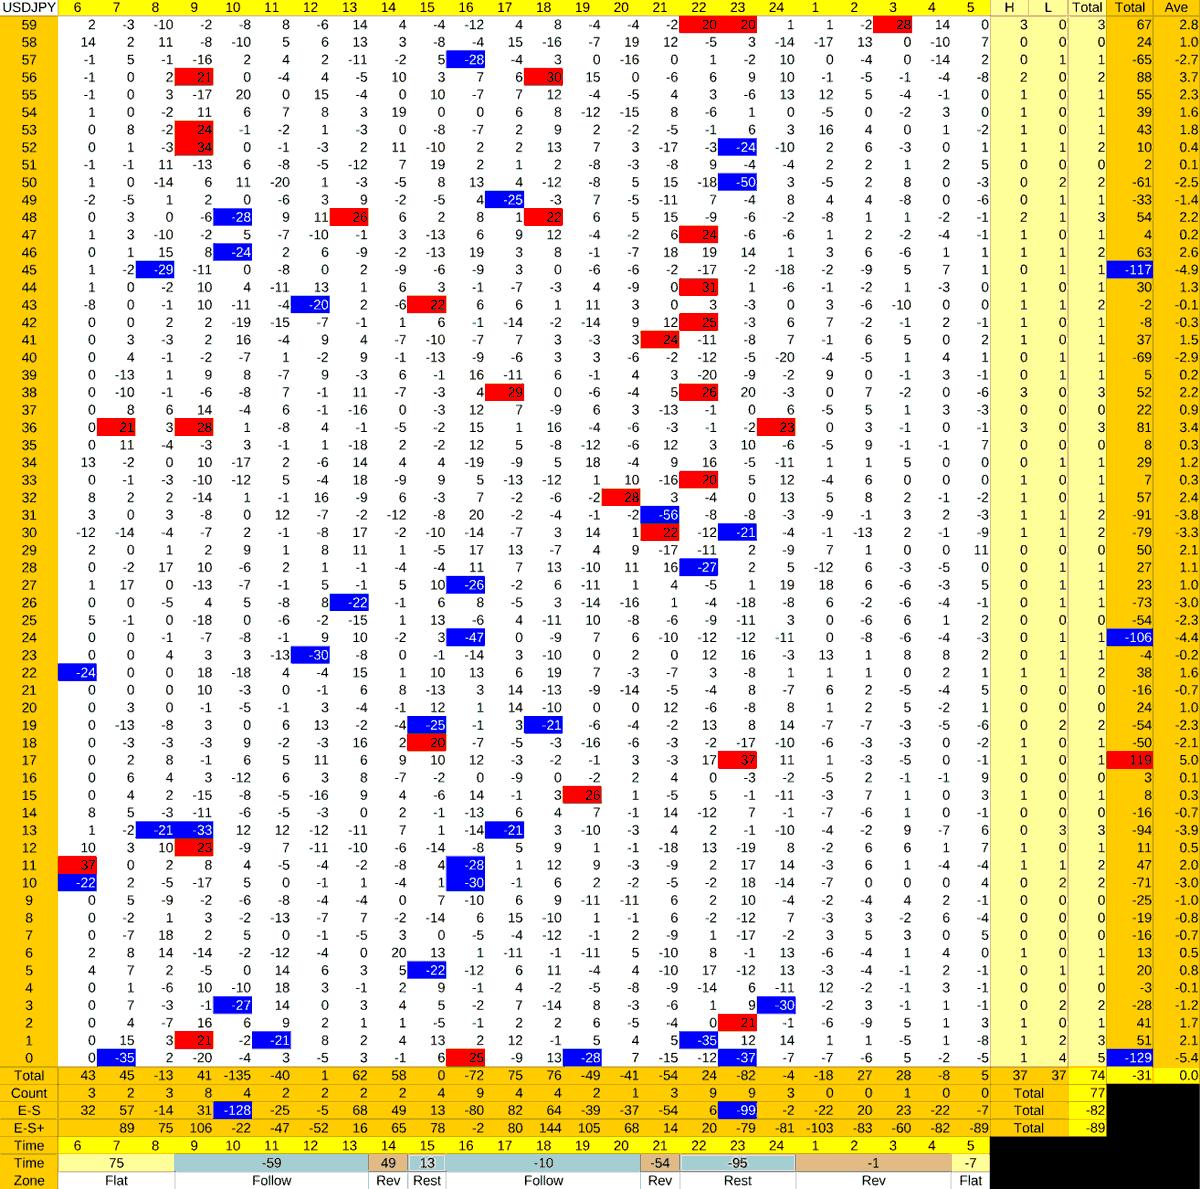 20210401_HS(1)USDJPY